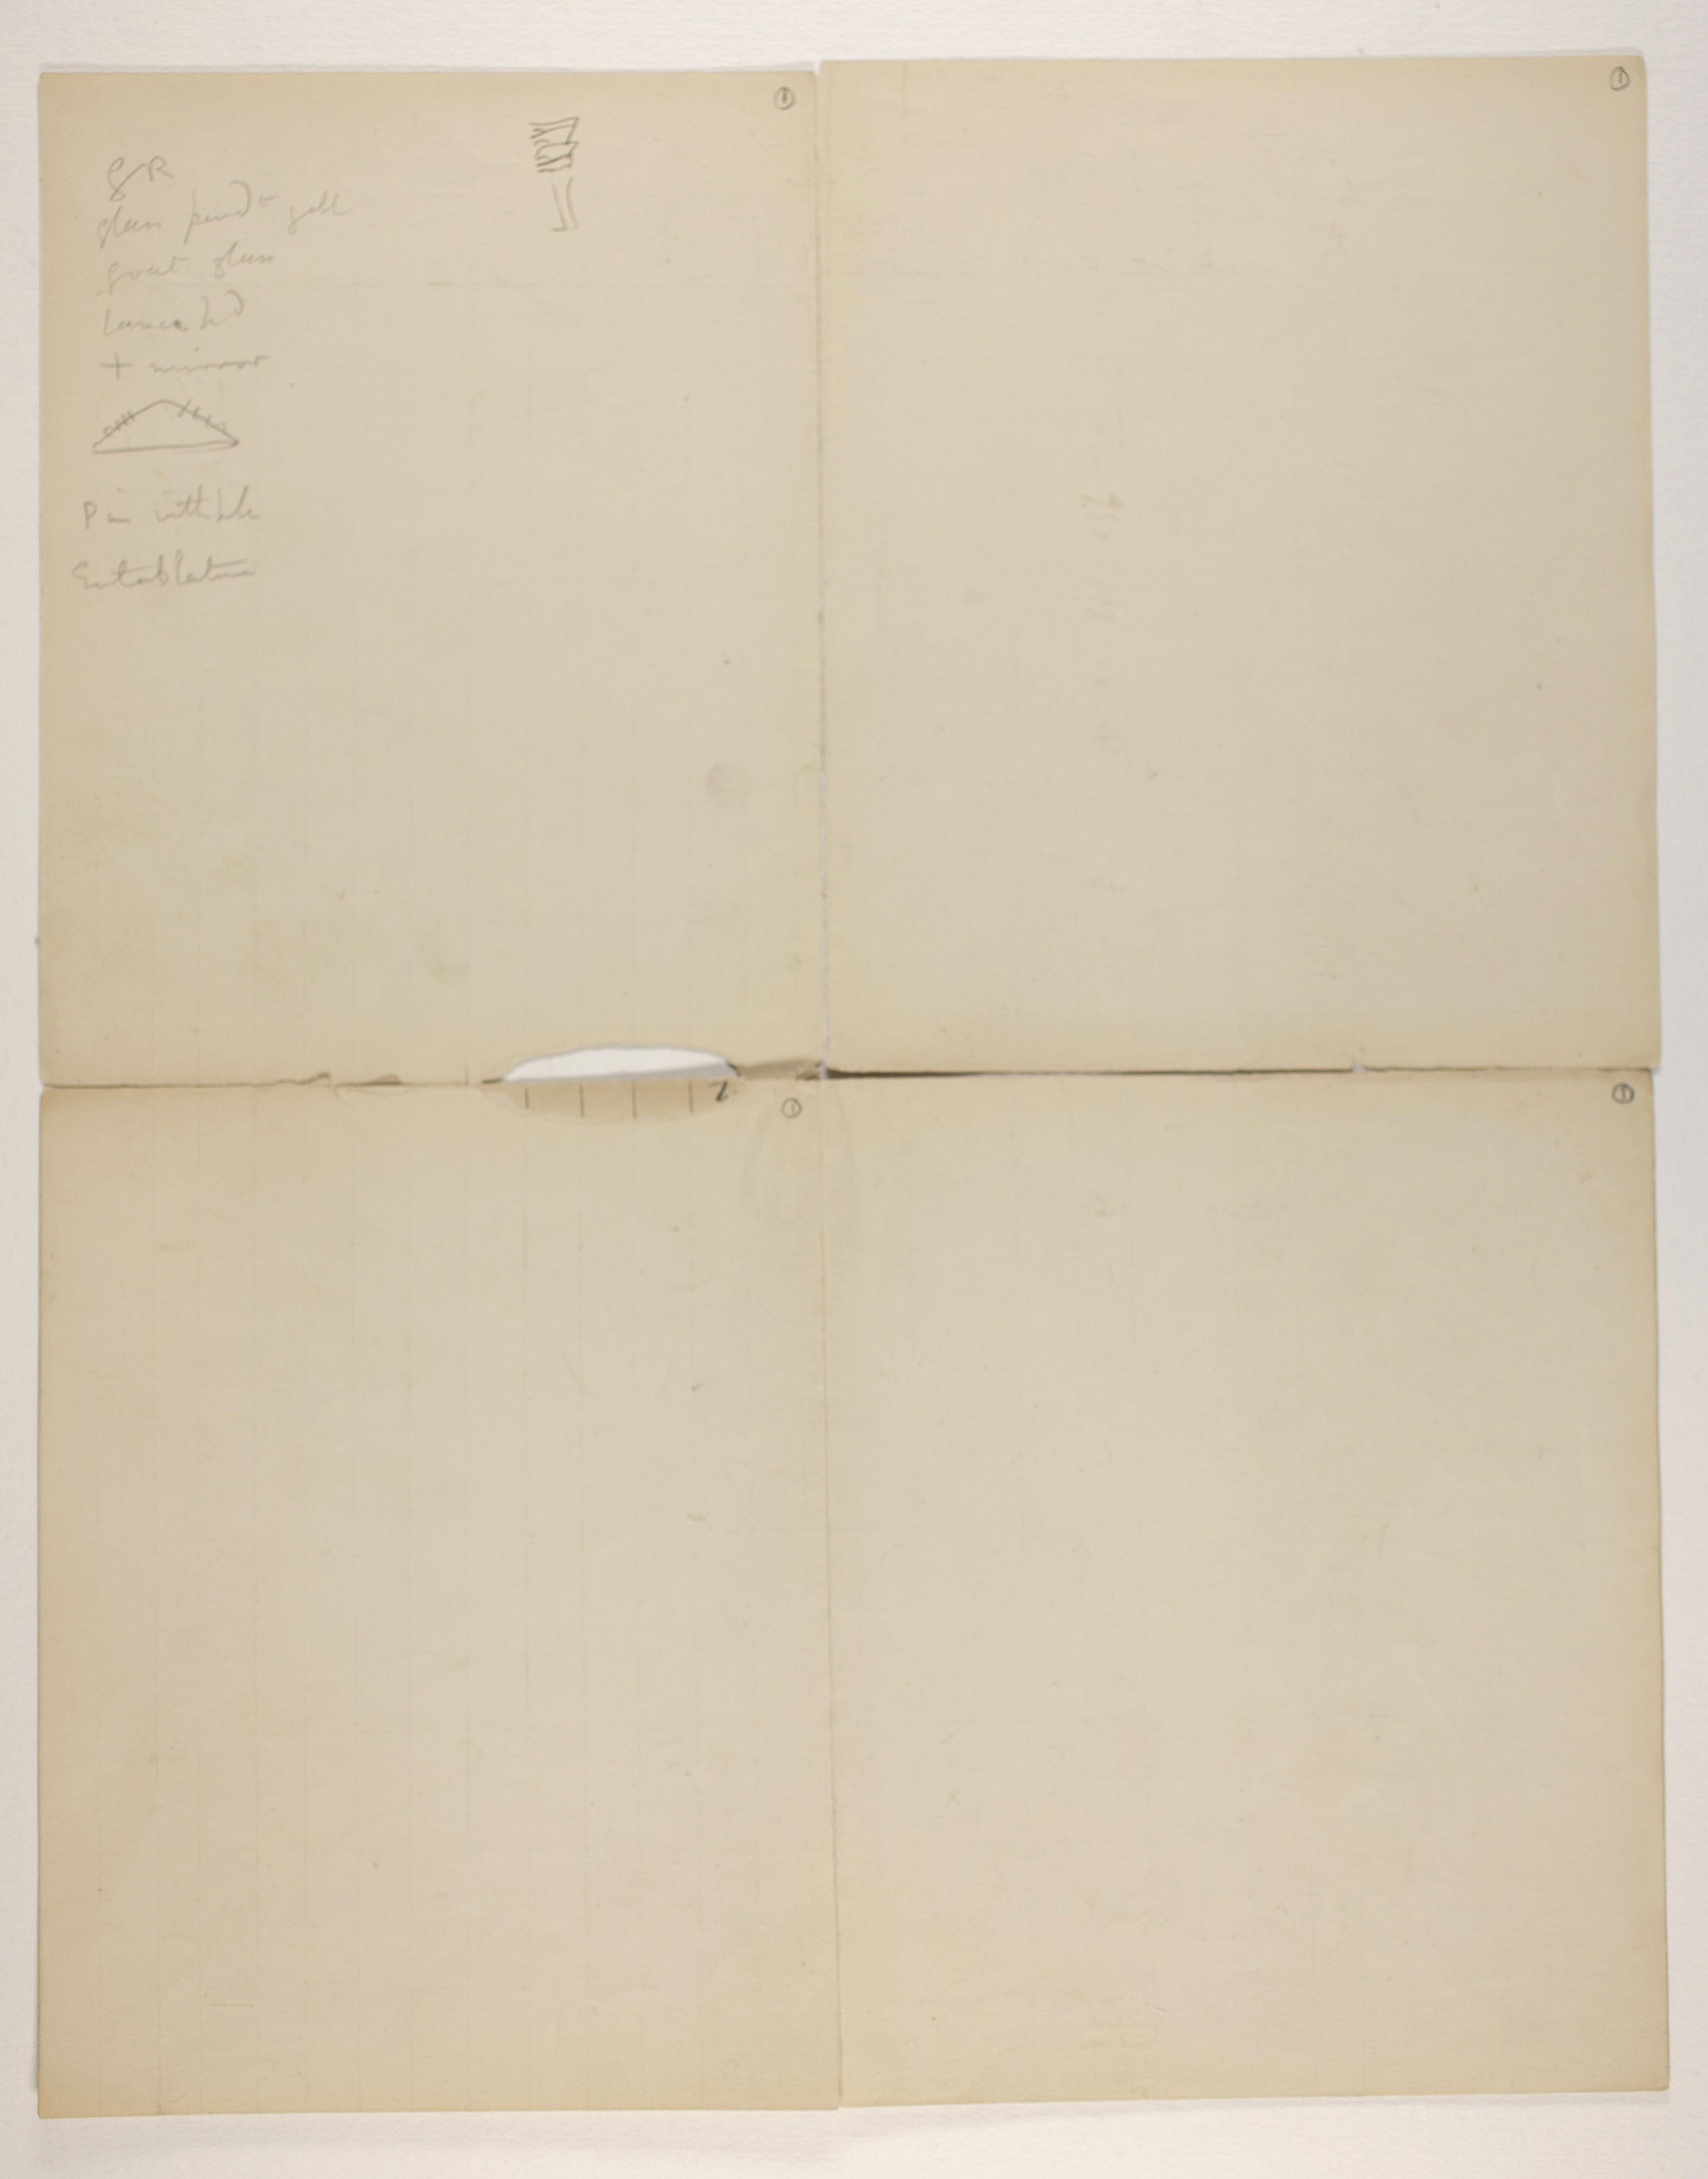 1905-06 Eastern Delta: Belbeis, Tell el-Rataba, Saft el-Hinna, Tell el-Yahudiya, Shaghanbeh, Ghita Object list PMA/WFP1/D/14/1.2